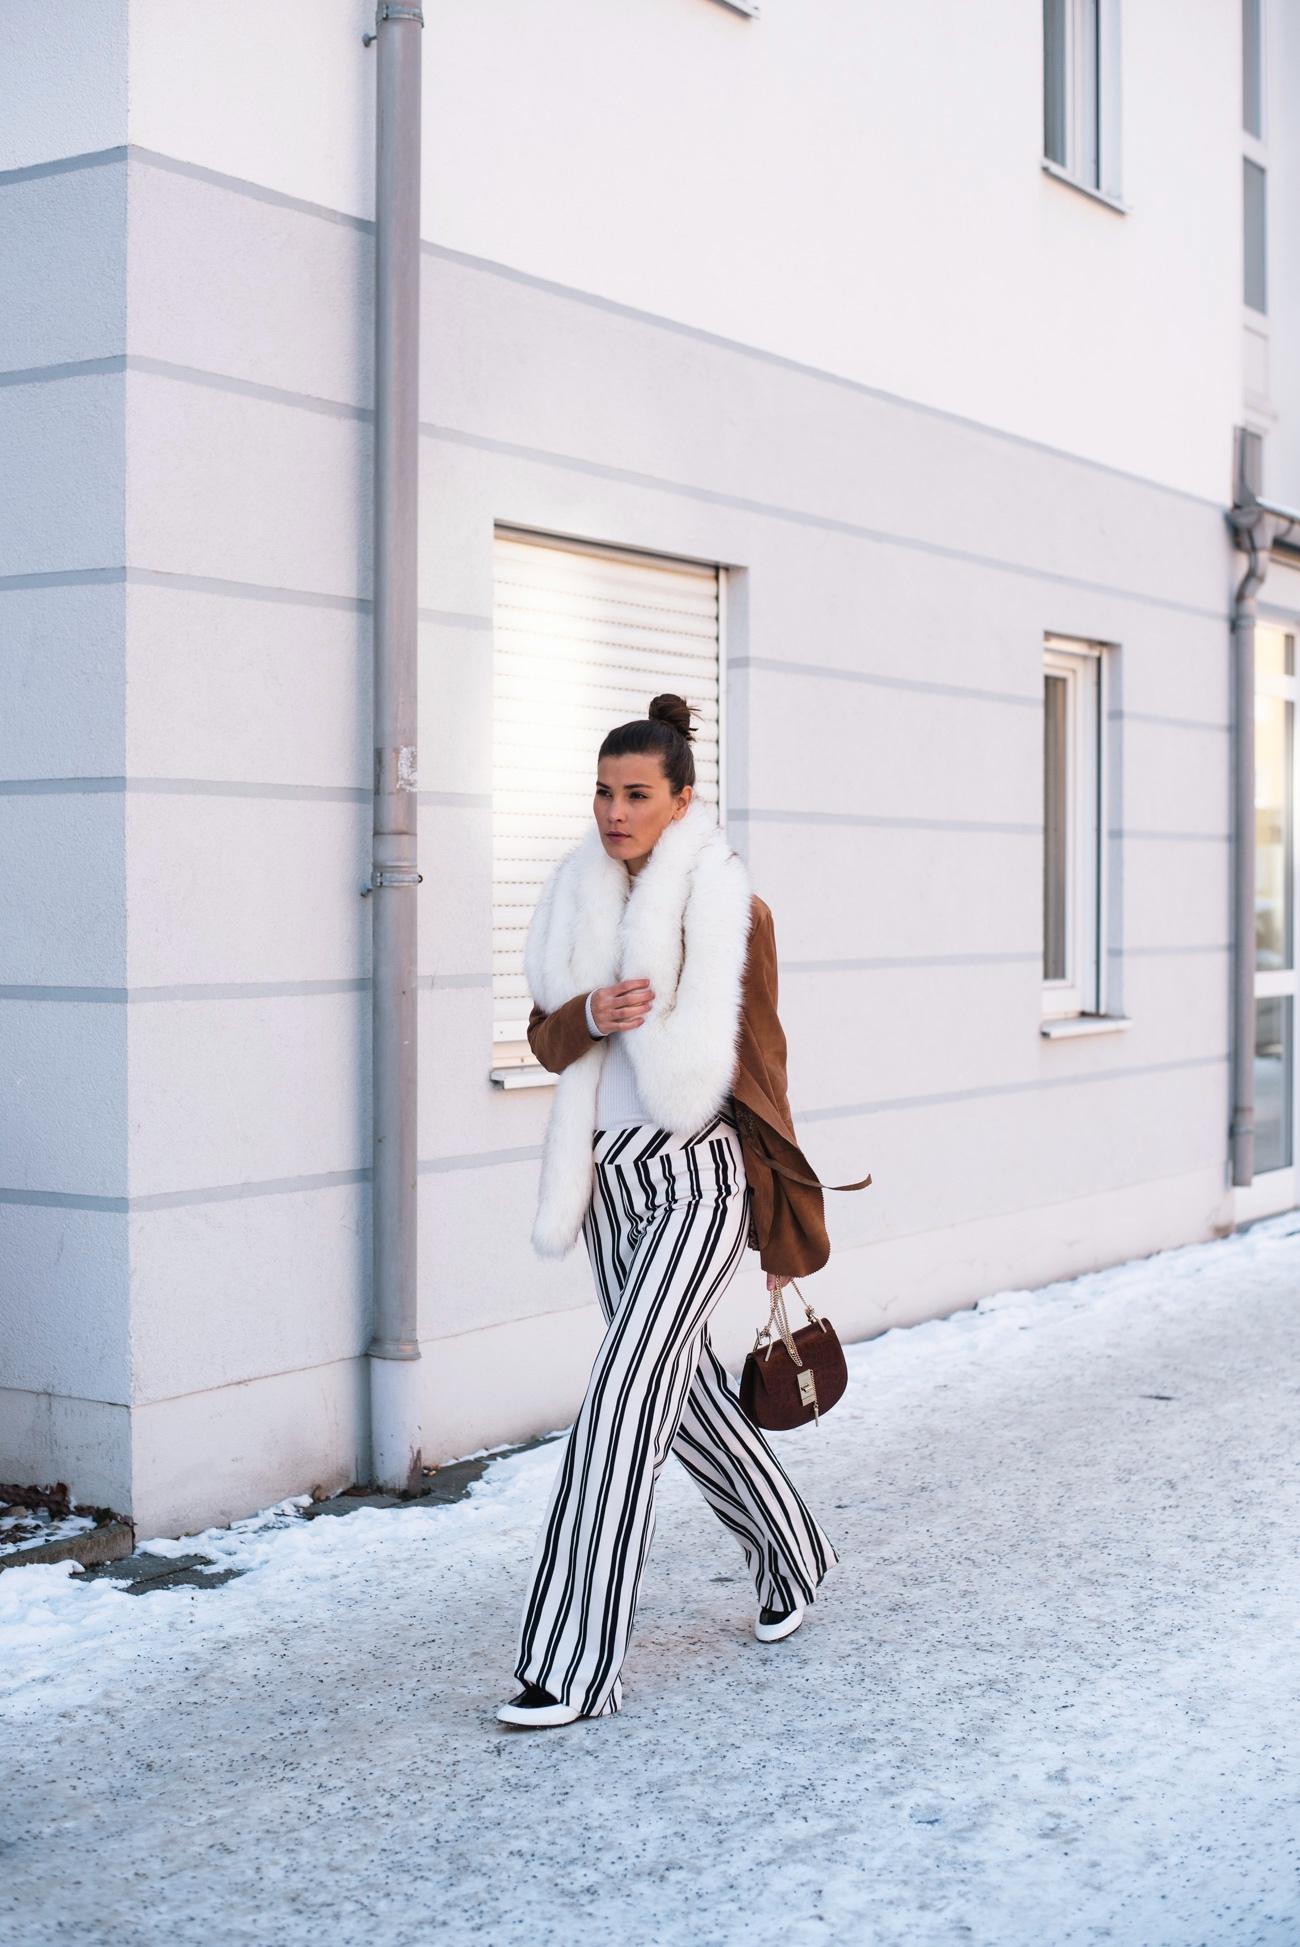 die-besten-und-erfolgreichsten-mode-und-lifestyle-blogs-deutschlands-nina-schwichtenberg-fashiioncarpet